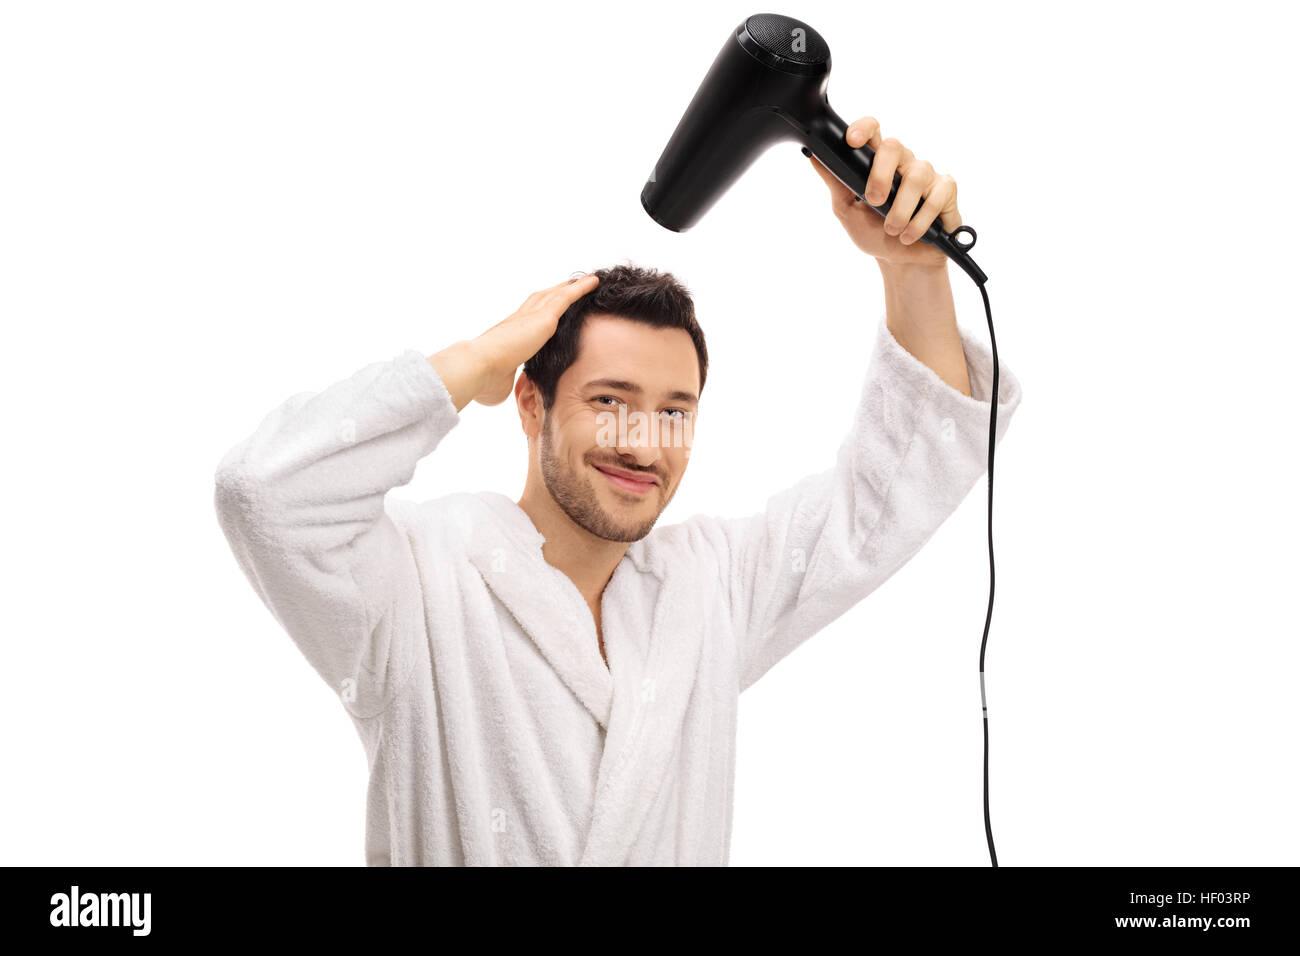 Giovane ragazzo in un accappatoio asciugando i capelli con un asciugacapelli isolati su sfondo bianco Immagini Stock